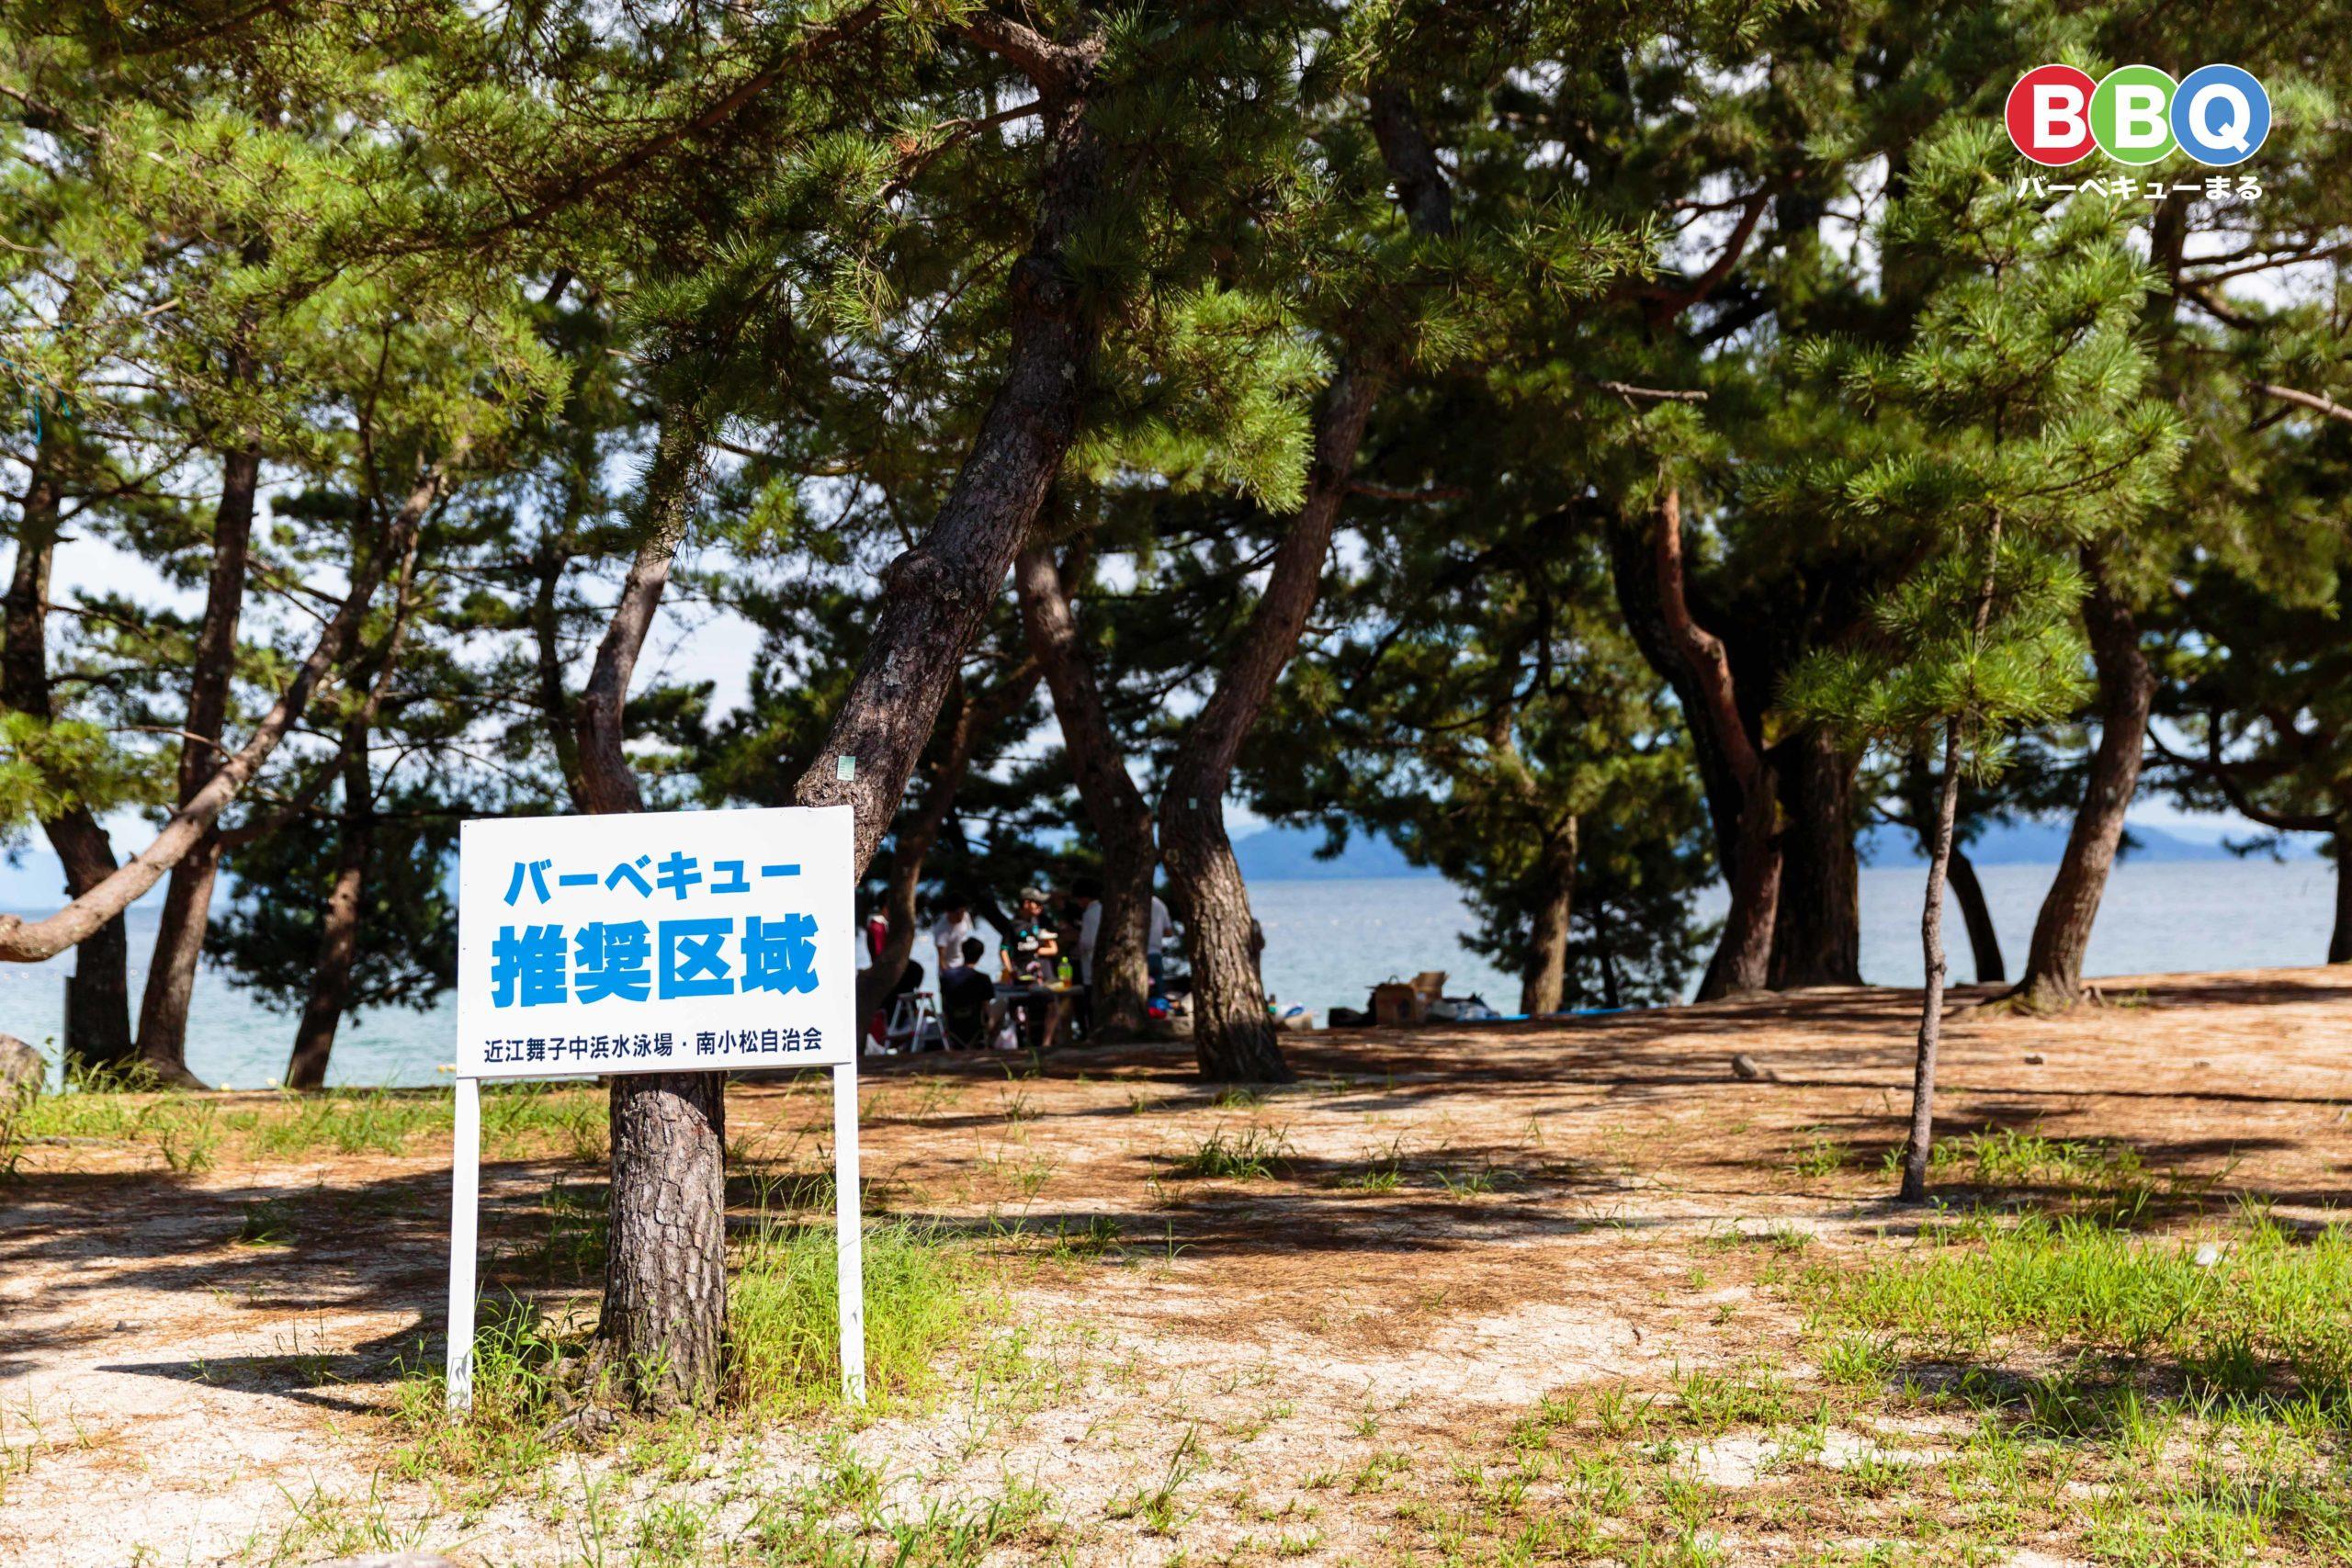 近江舞子中浜水泳場バーベキュー推奨区域の看板